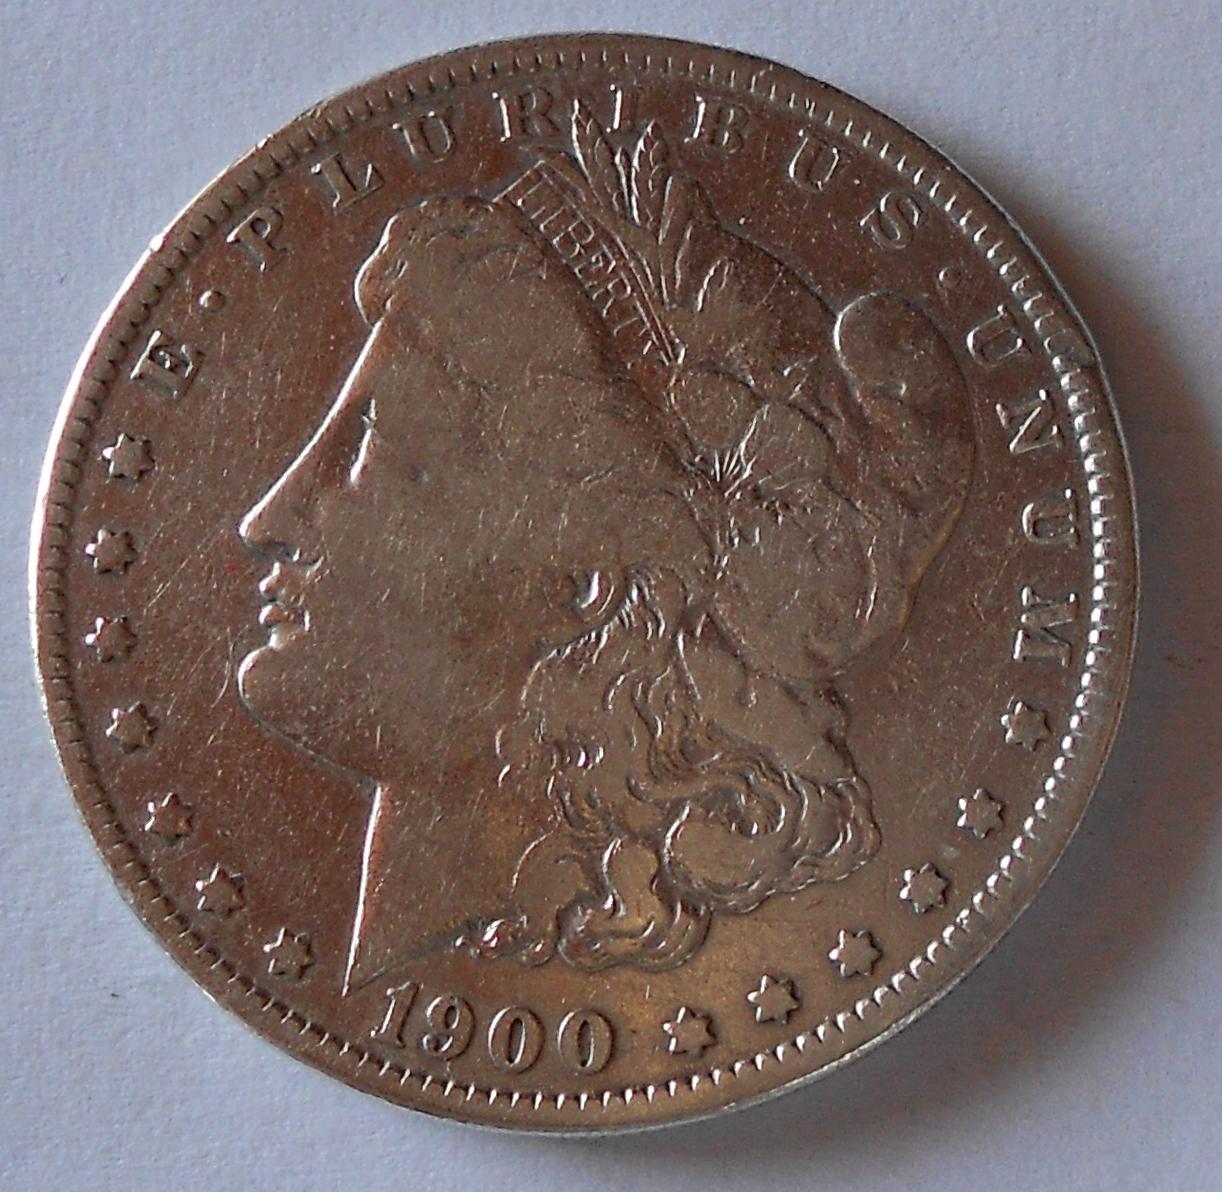 USA 1 Dolar 1900